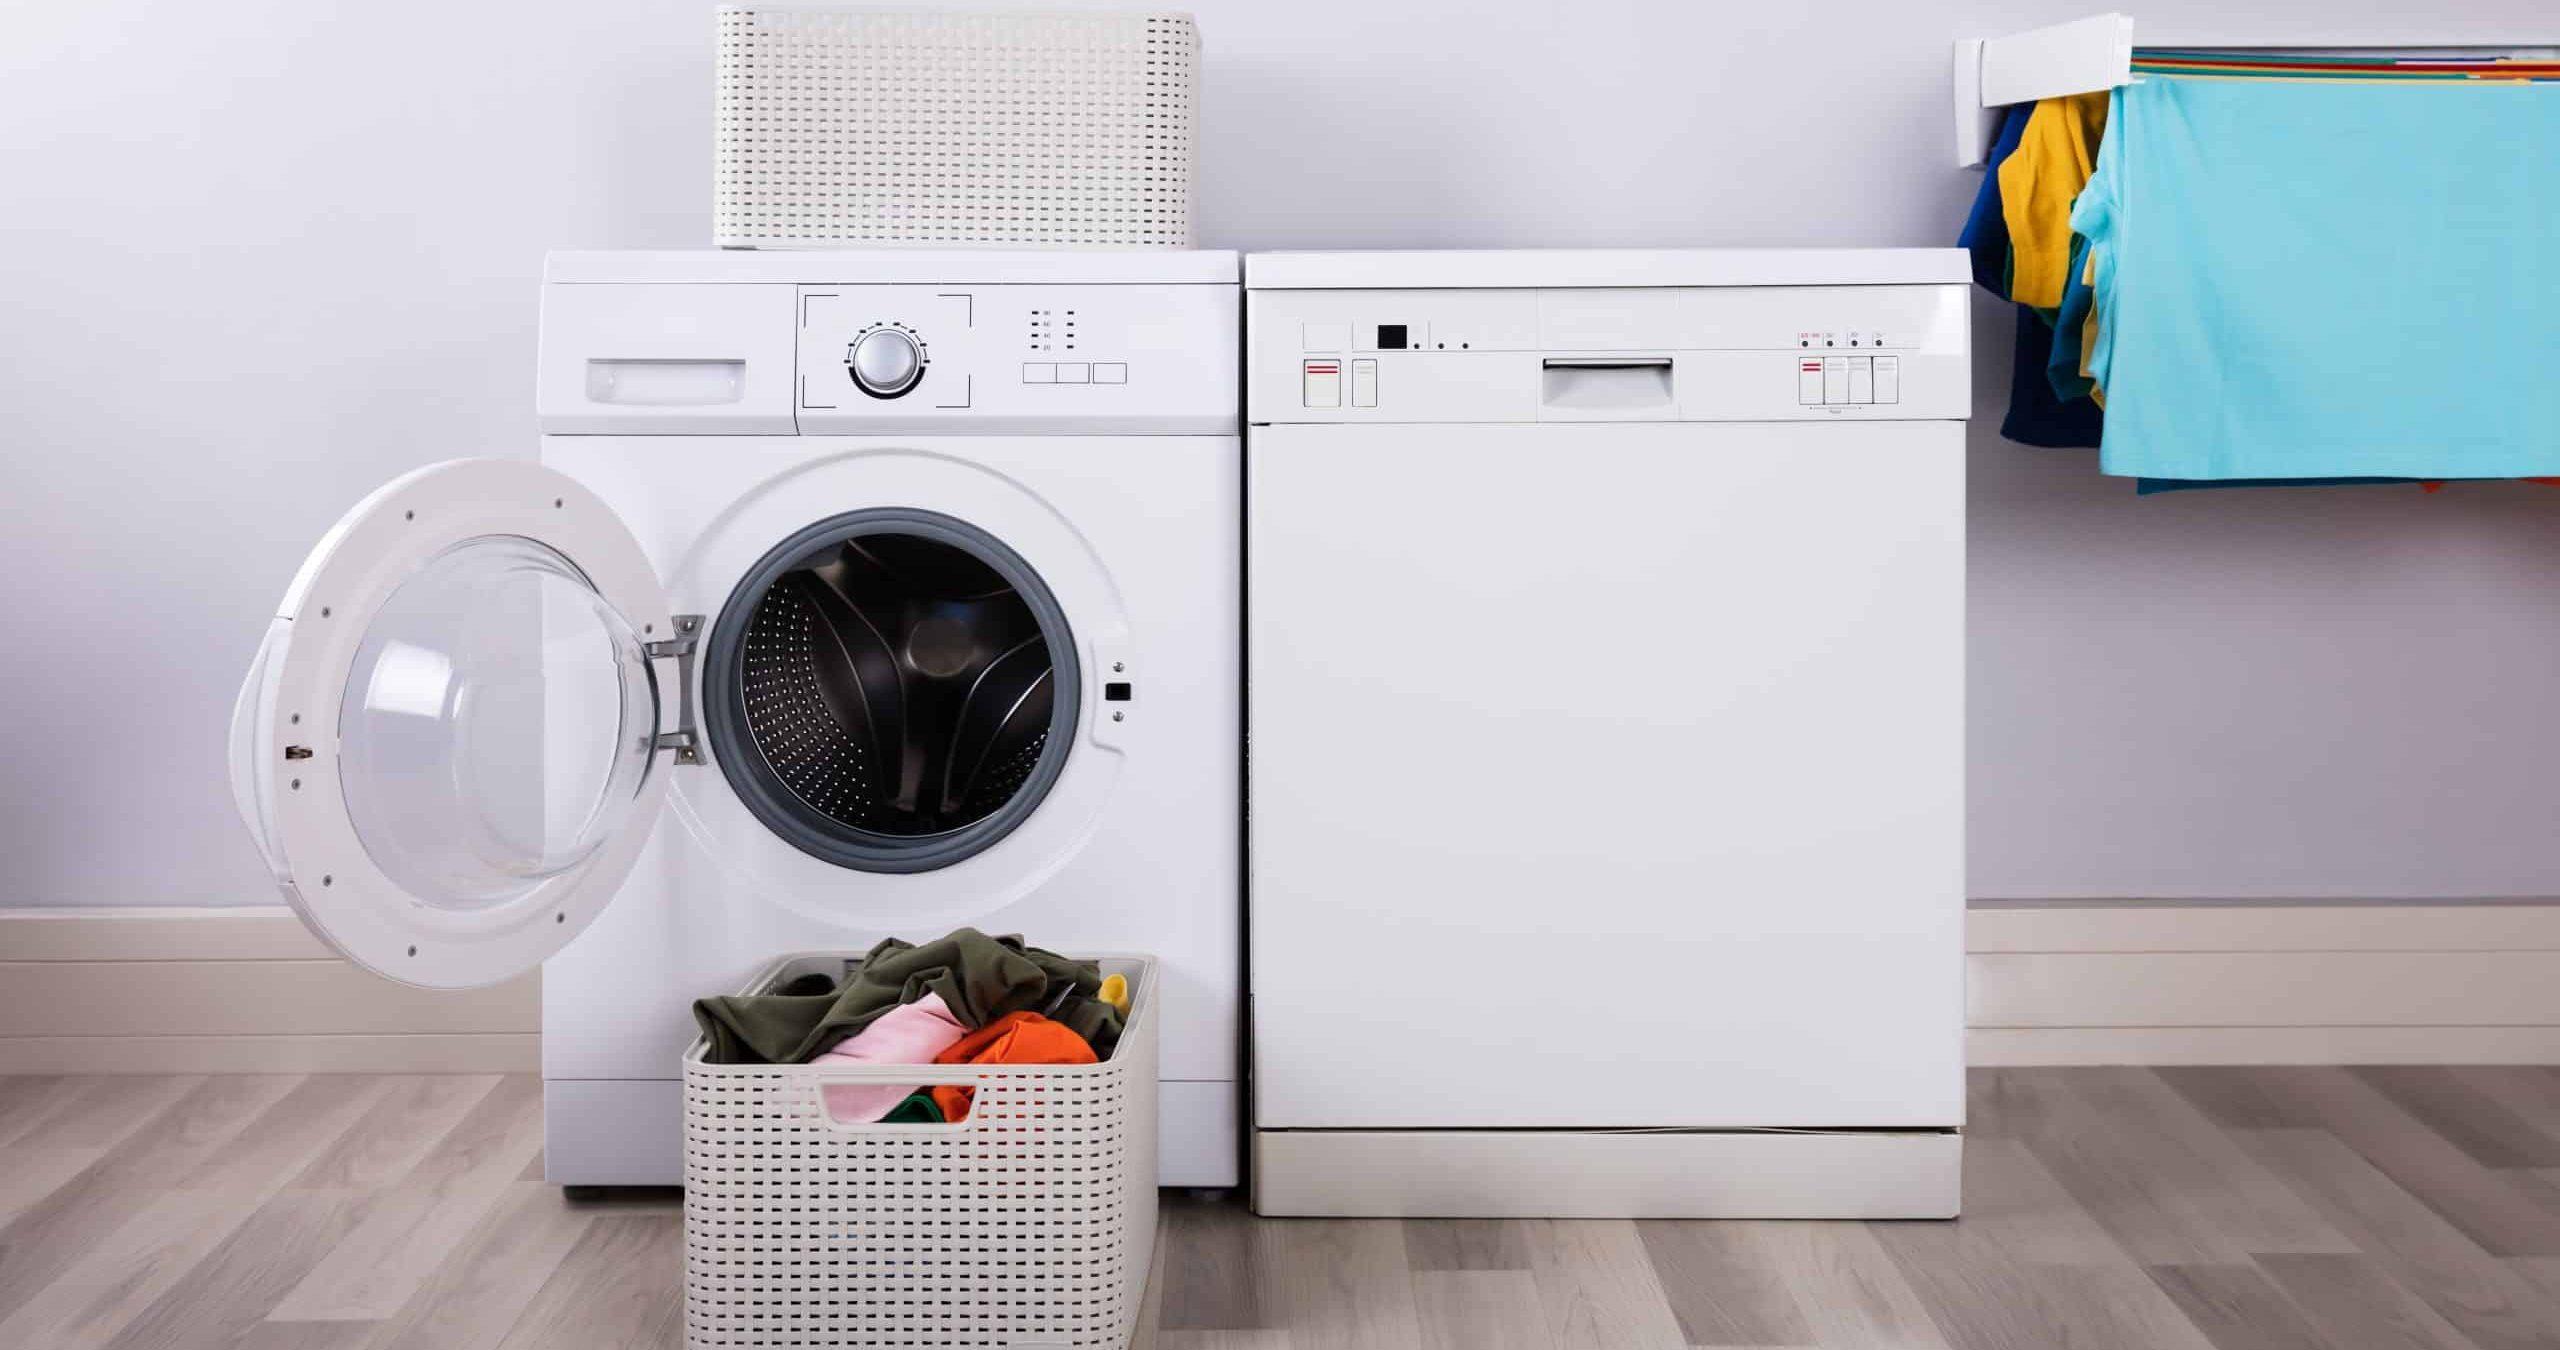 wasmachine en droger in wasruimte